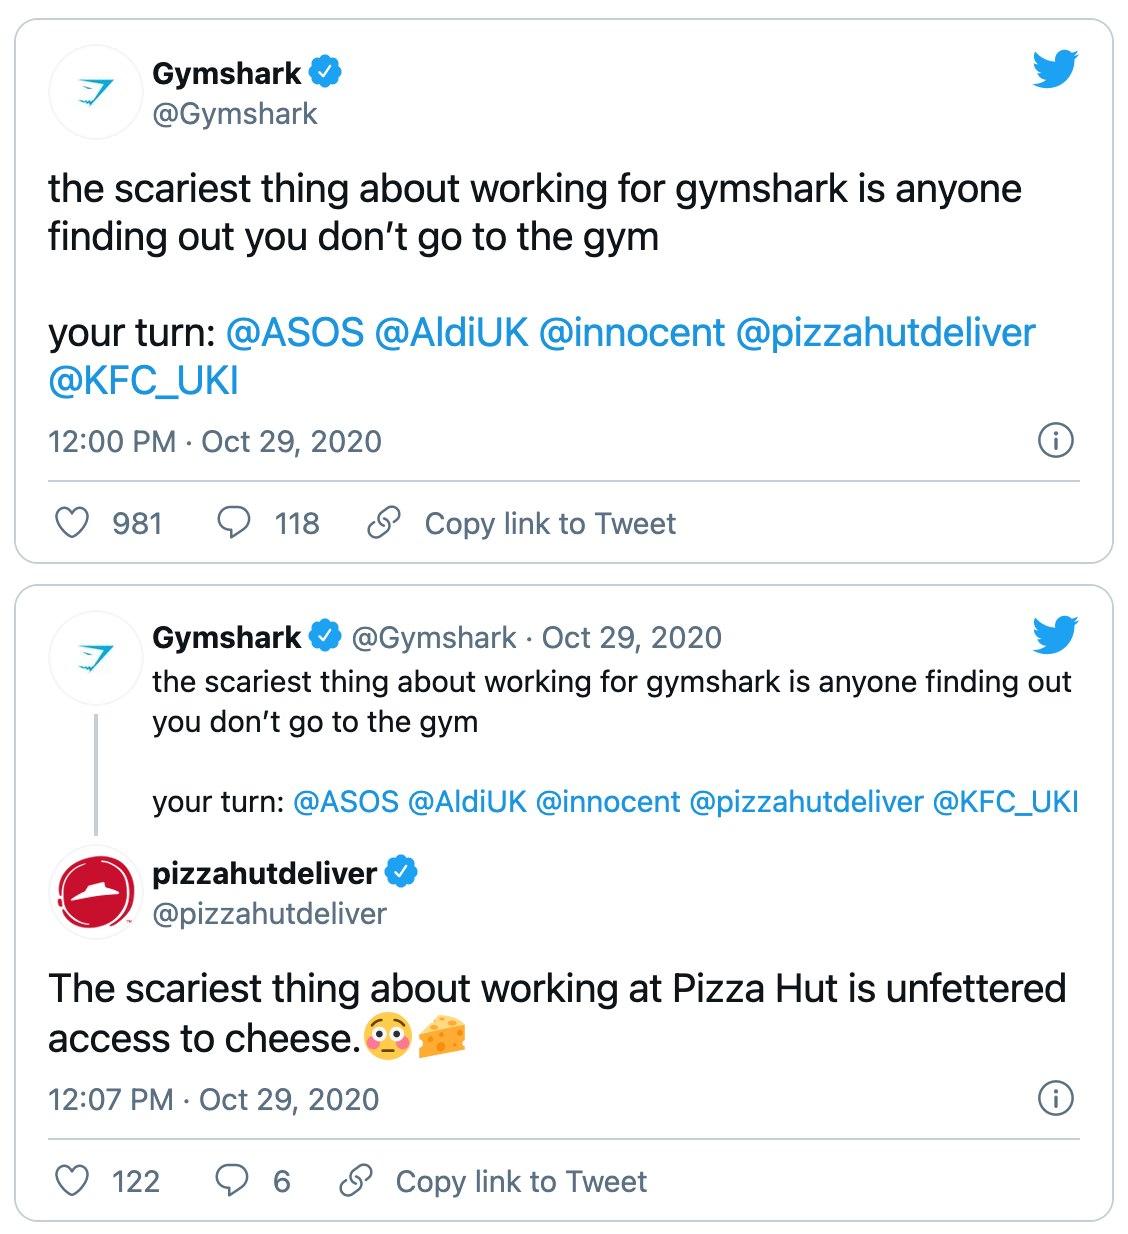 cpg-brands-social-media-gymshark-pizzahut